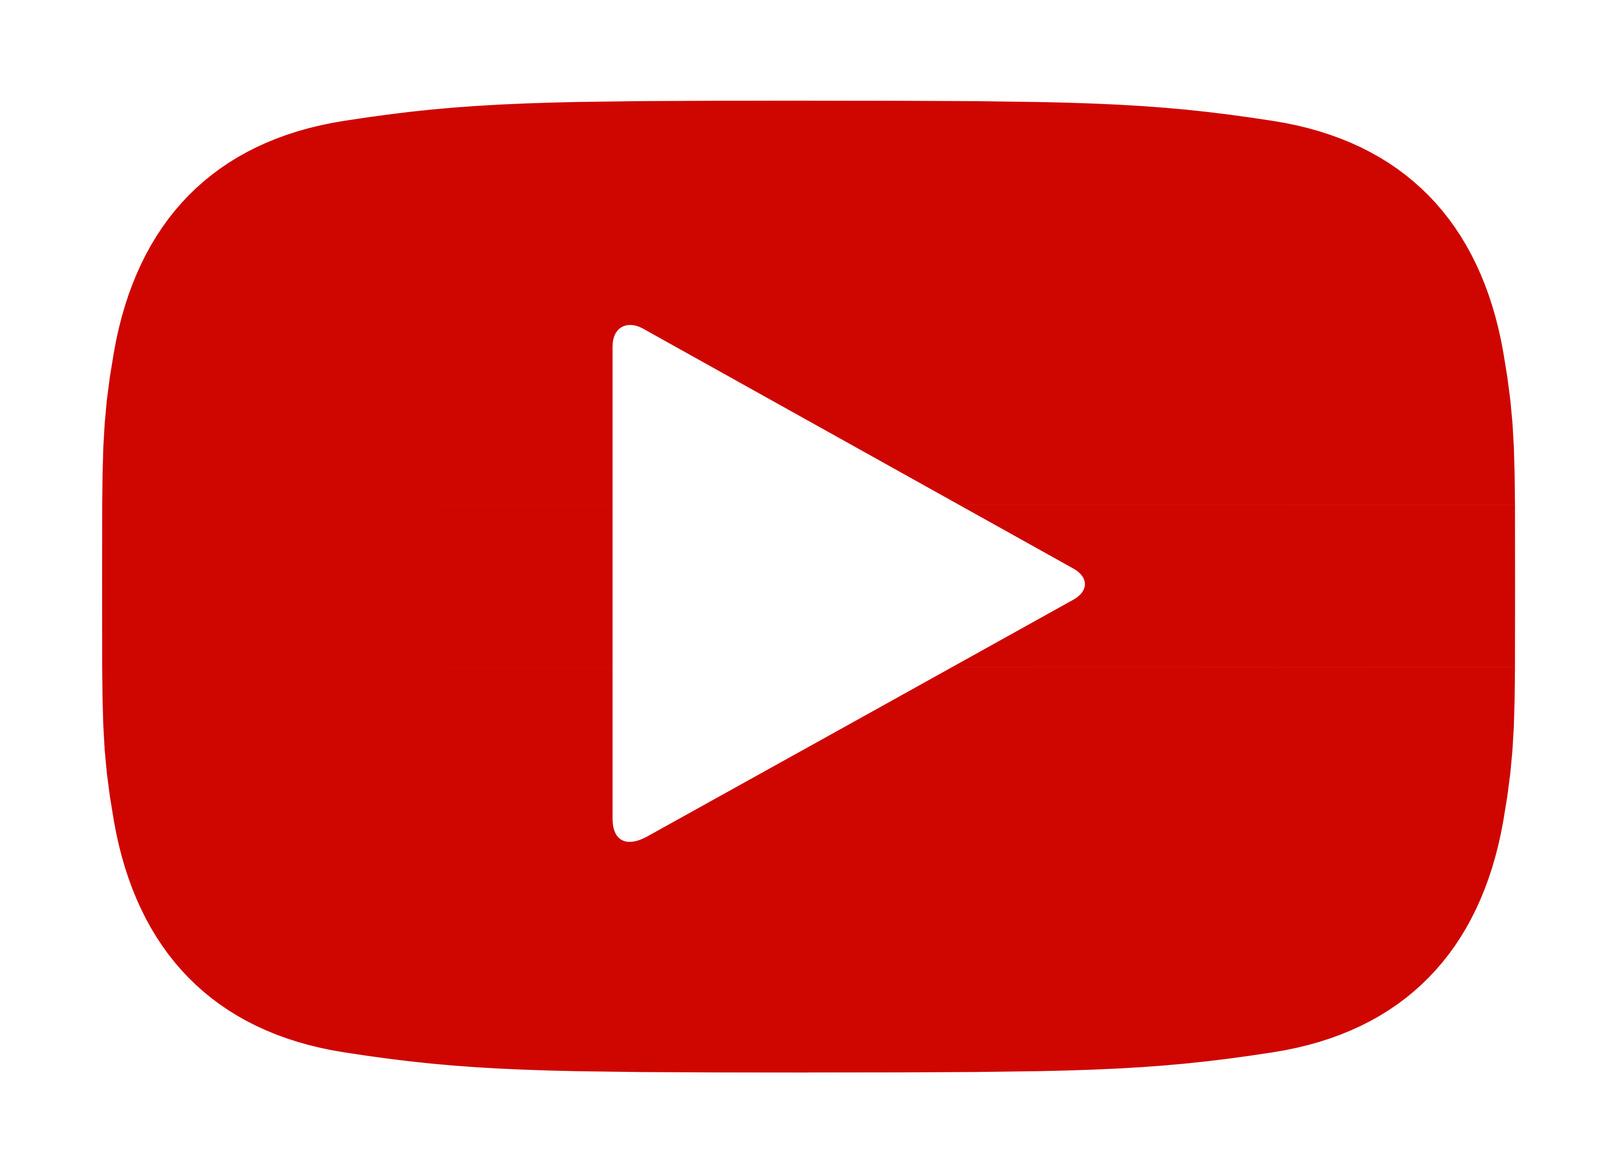 youtube videos auf ihrer webseite einbinden was ist erlaubt. Black Bedroom Furniture Sets. Home Design Ideas